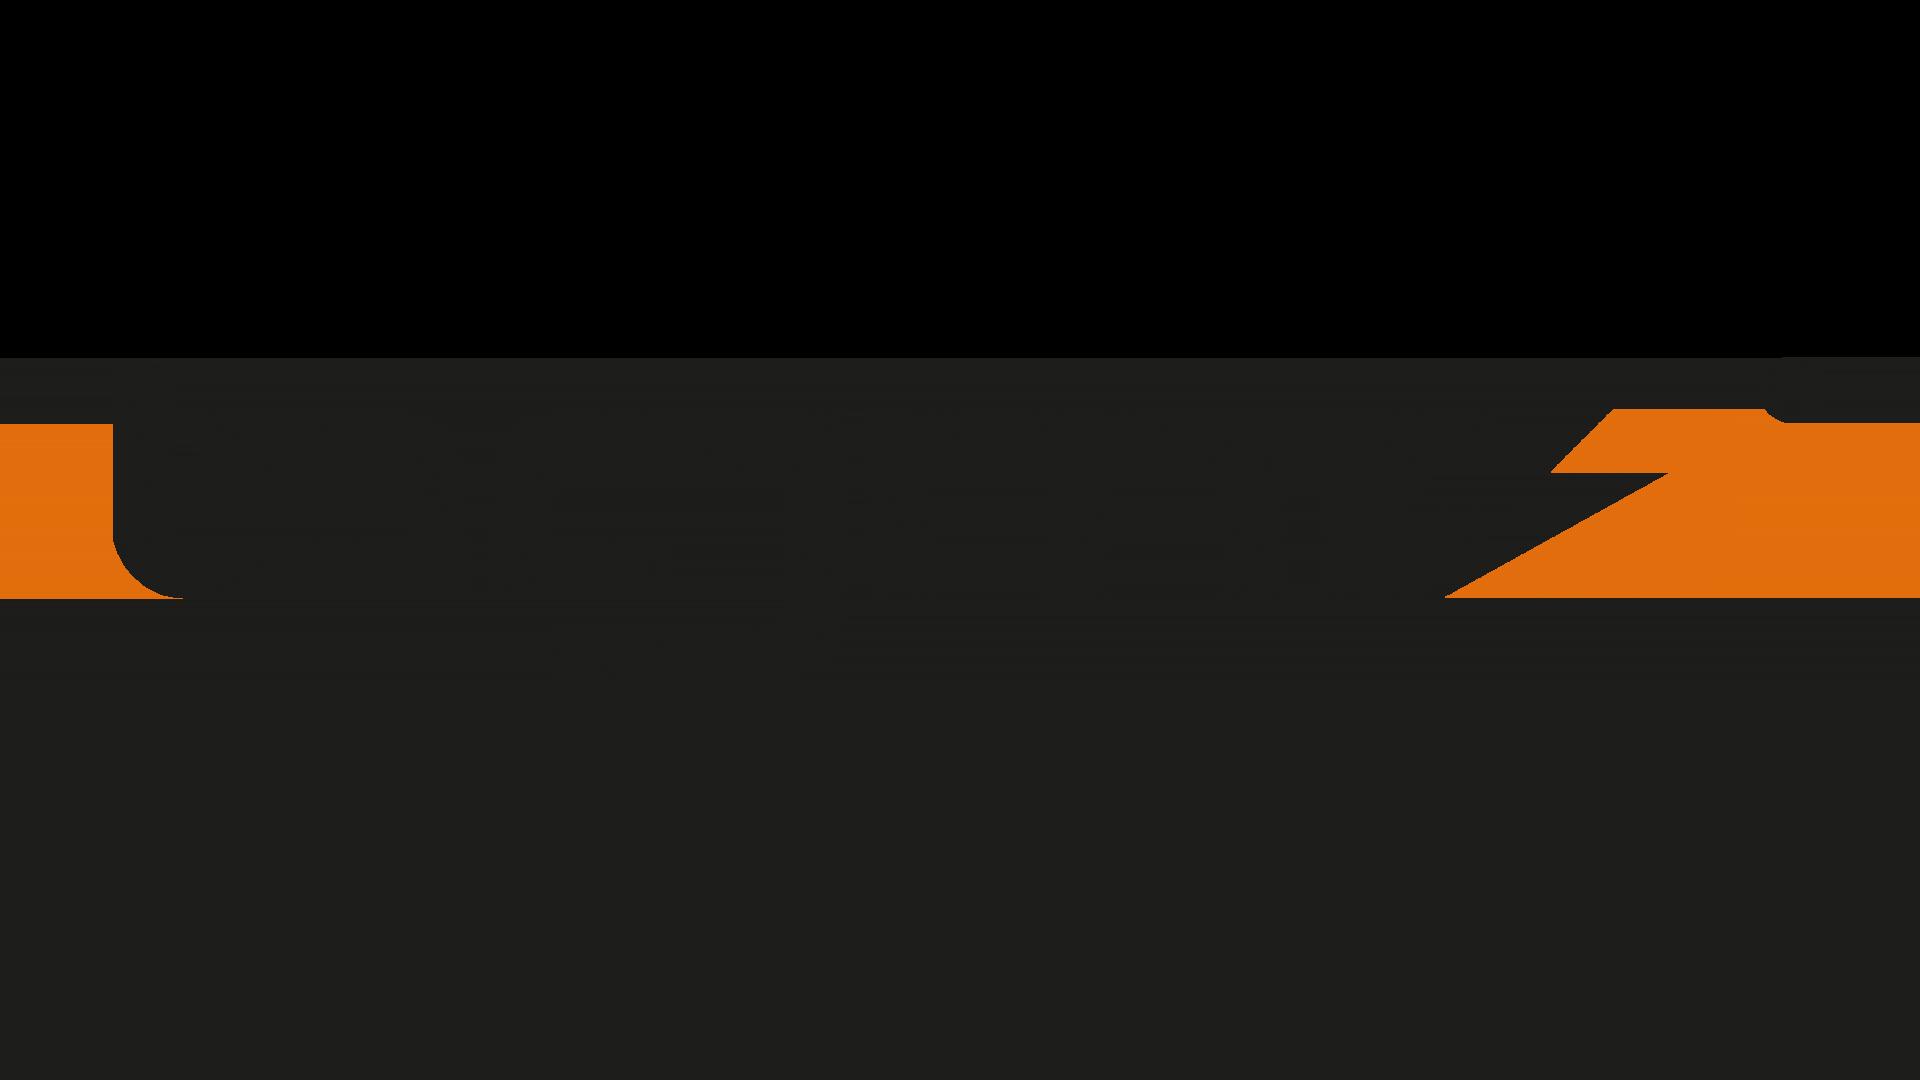 bgm Tuning Logo